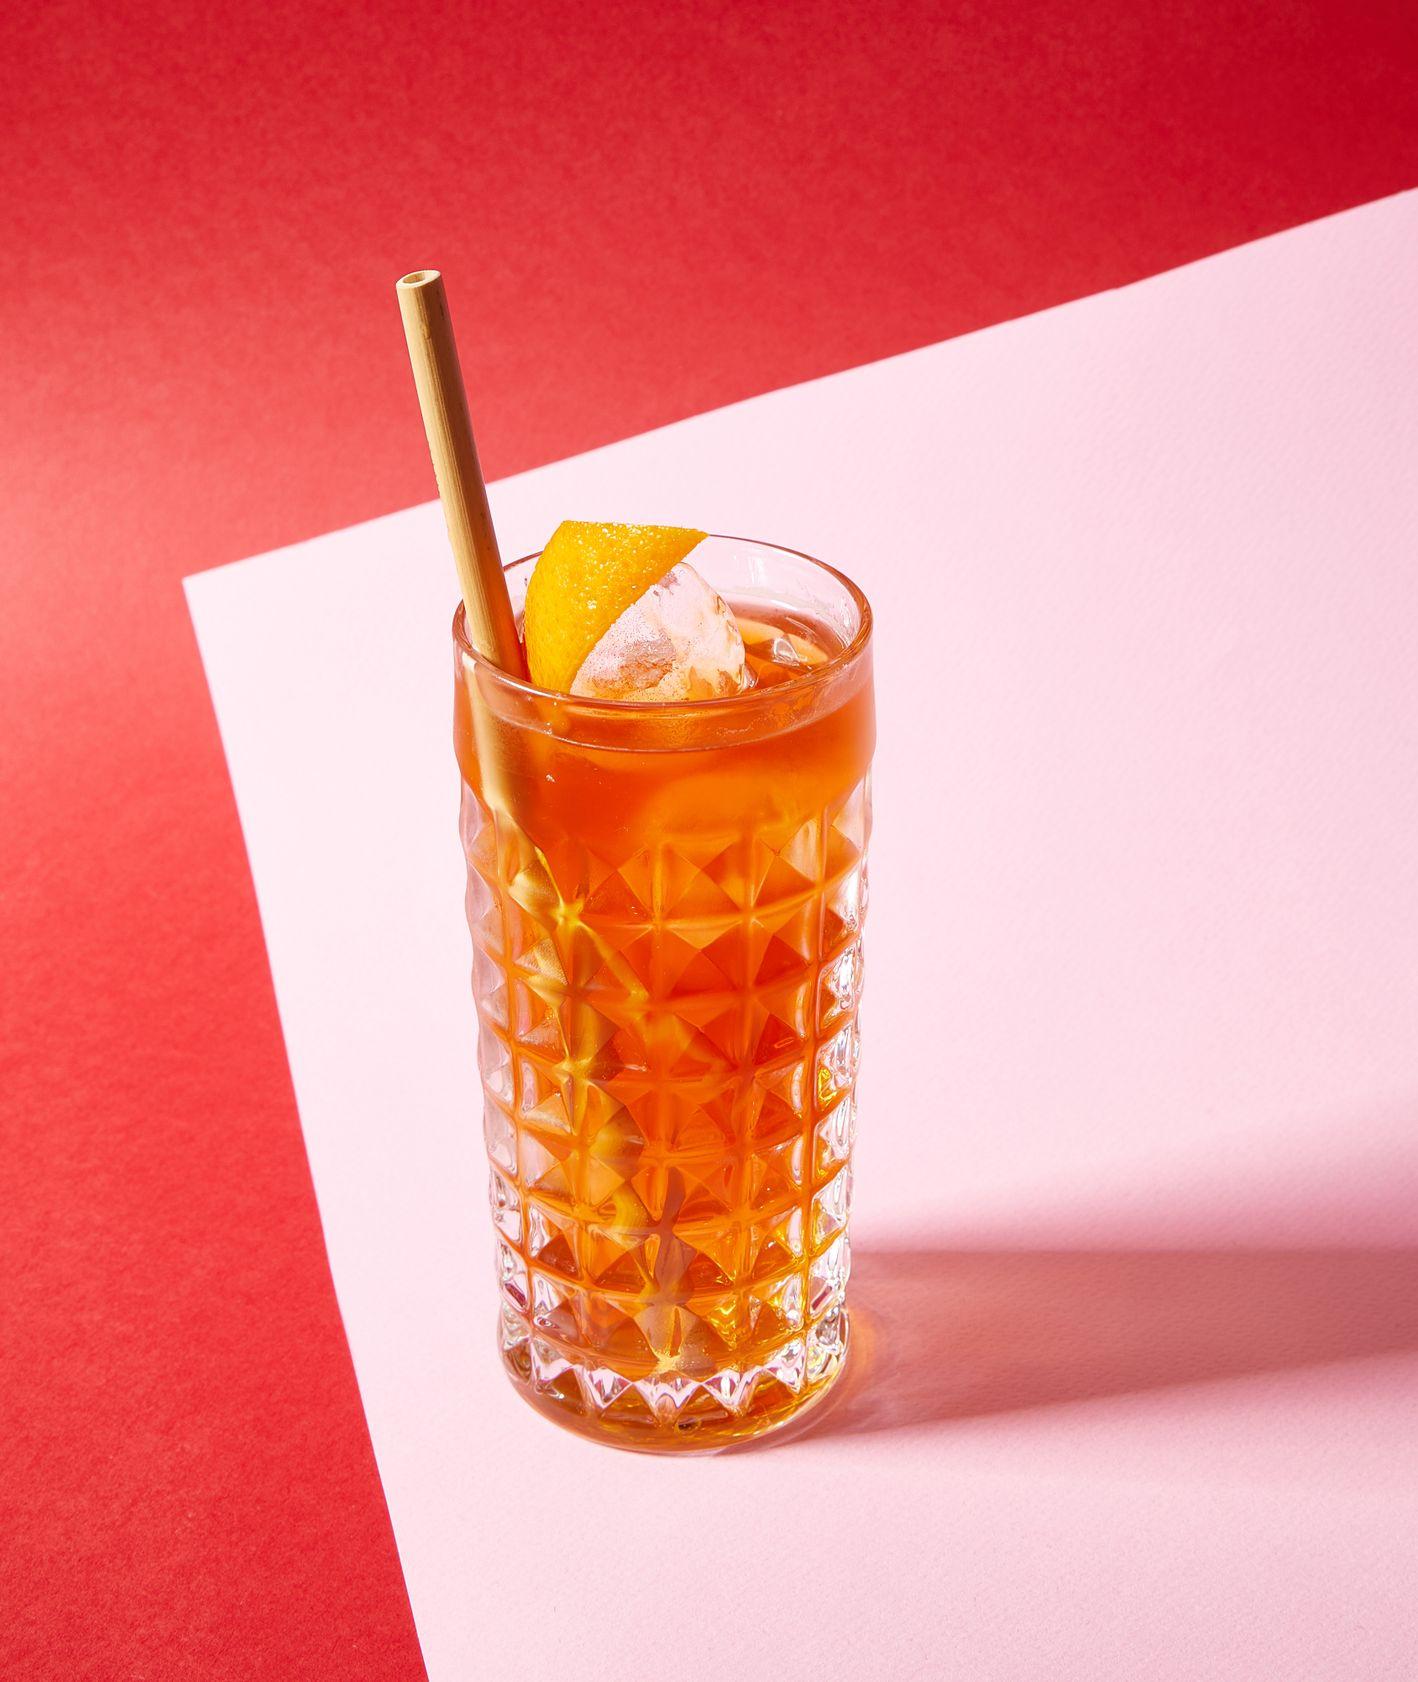 Przepis na drink whiskey i kawą (fot. Maciek Niemojewski)